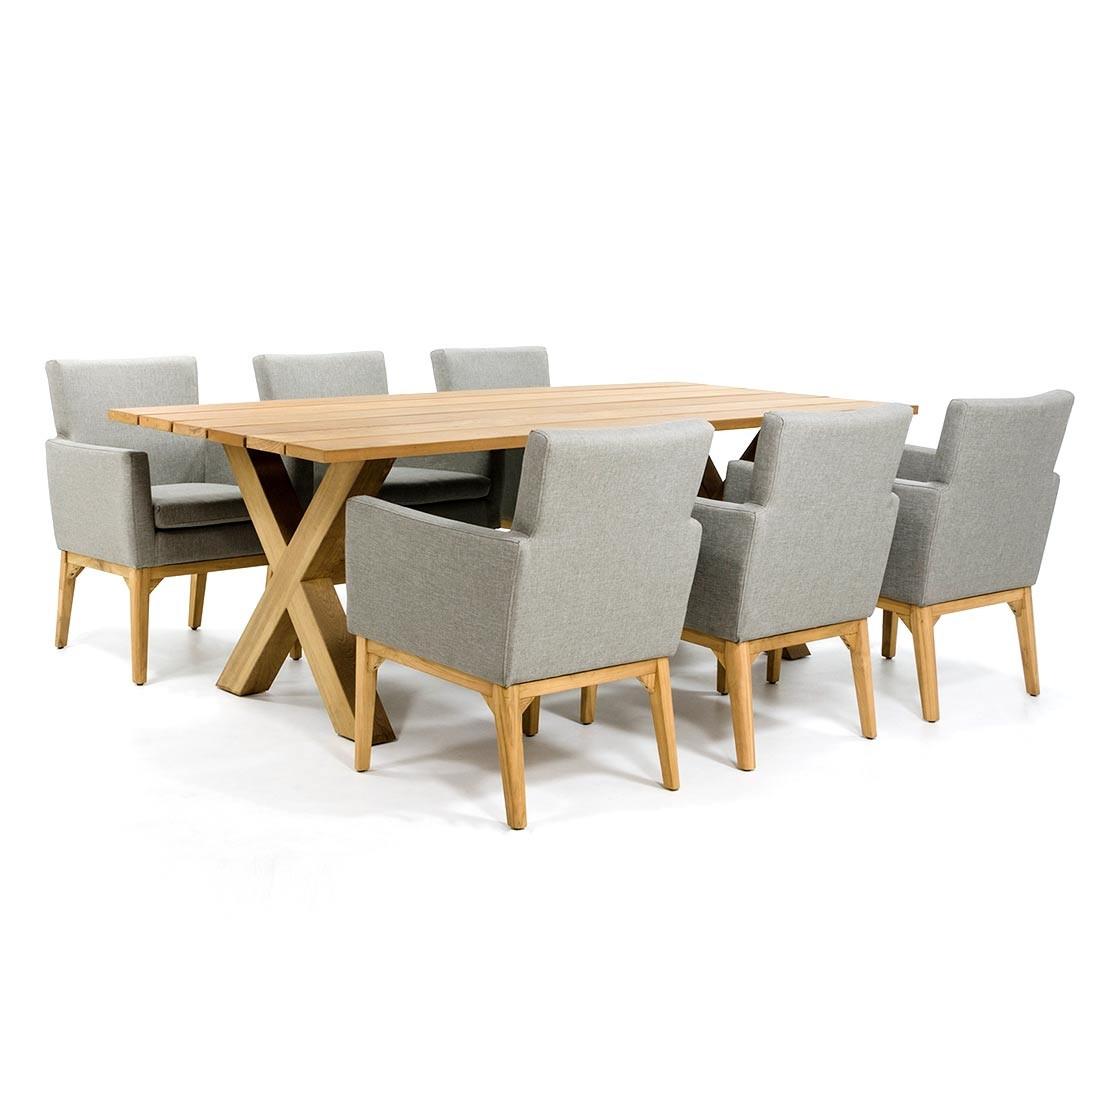 Stoere houten tuintafel met kruispoot onderstel en luxe stoelen